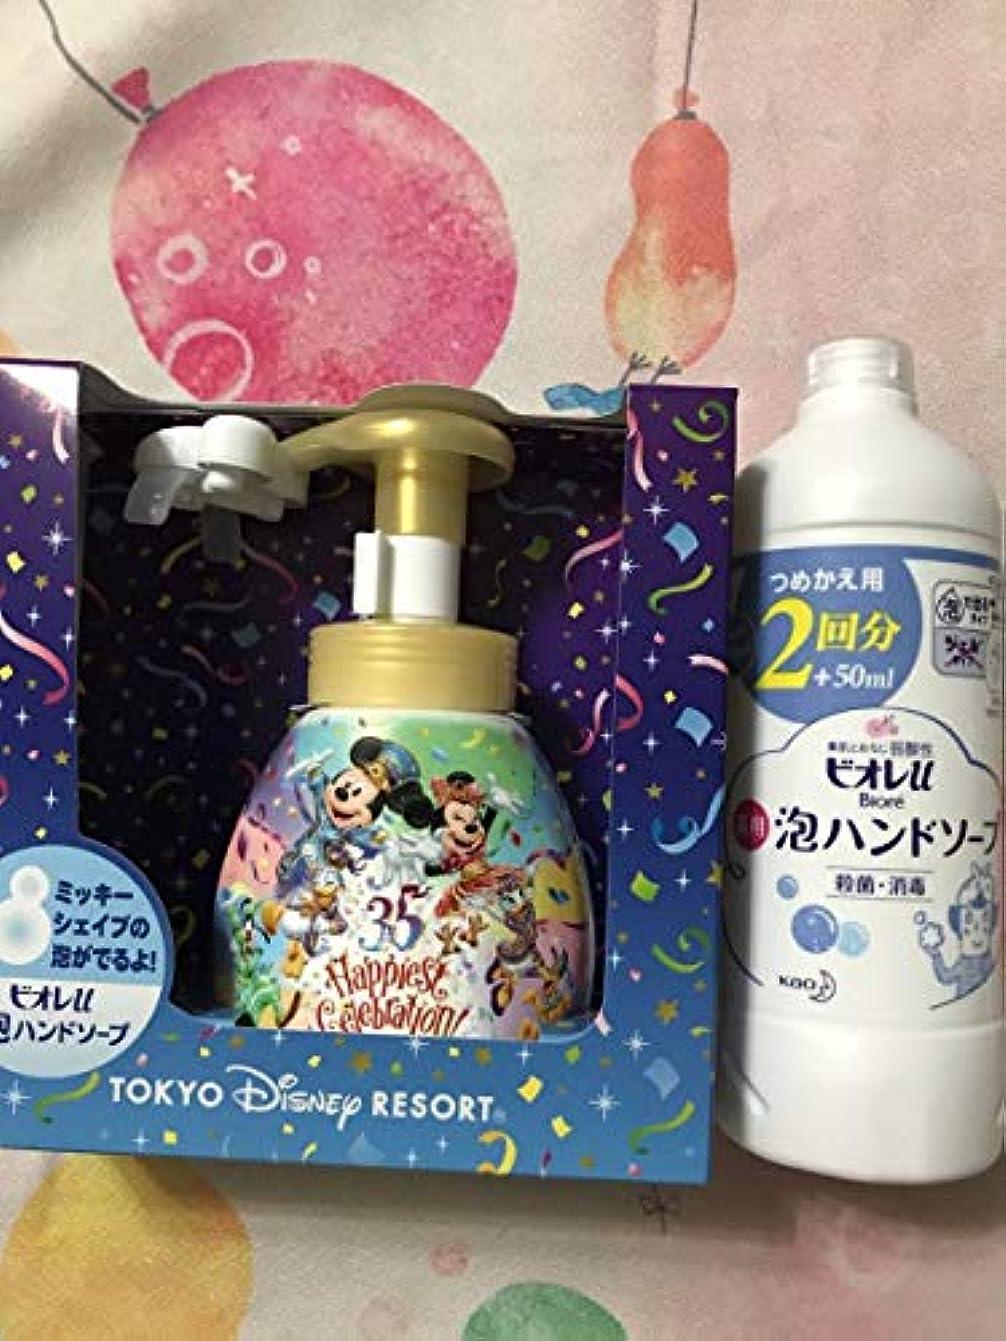 州郵便物外観ミッキー シェイプ ハンドソープ 東京 ディズニー リゾート 35周年 記念 石鹸 ビオレU 詰め替え 付き